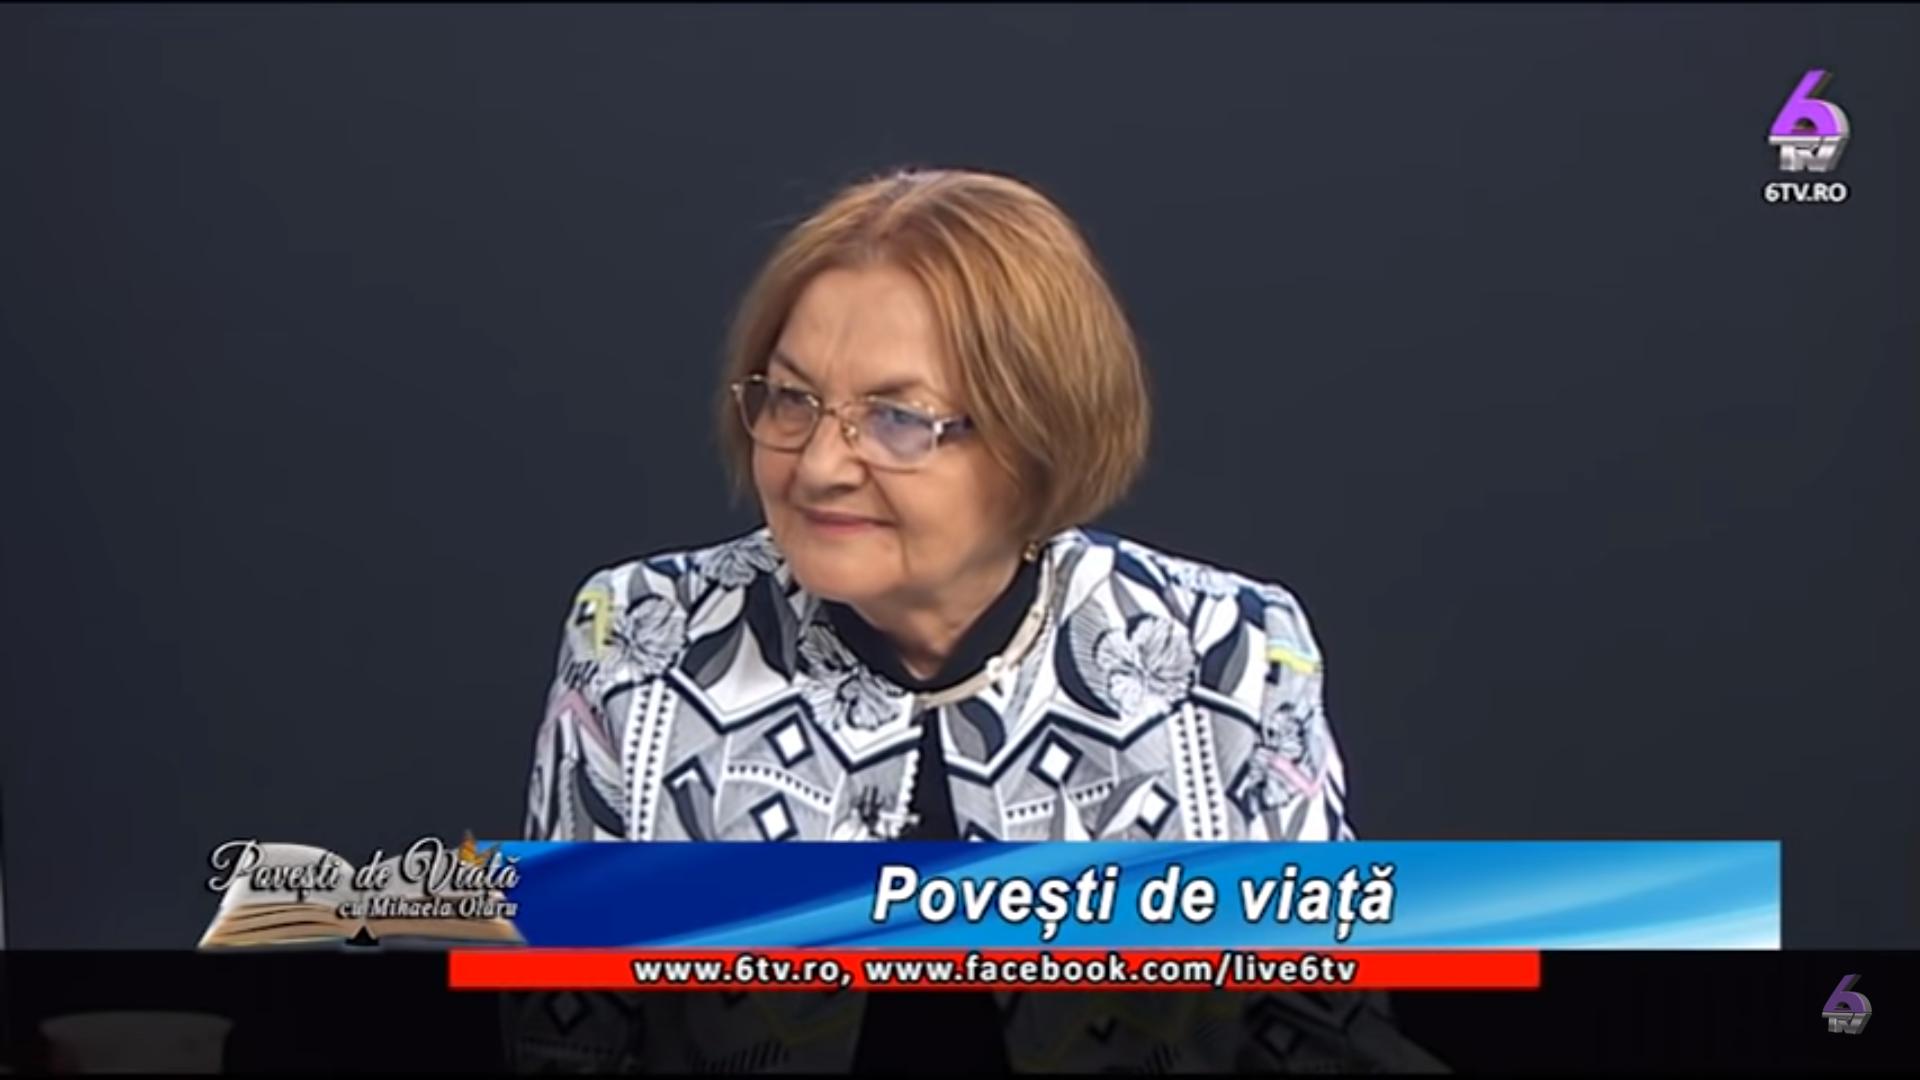 8. Prof. Univ. Dr. Mihaela Miroiu